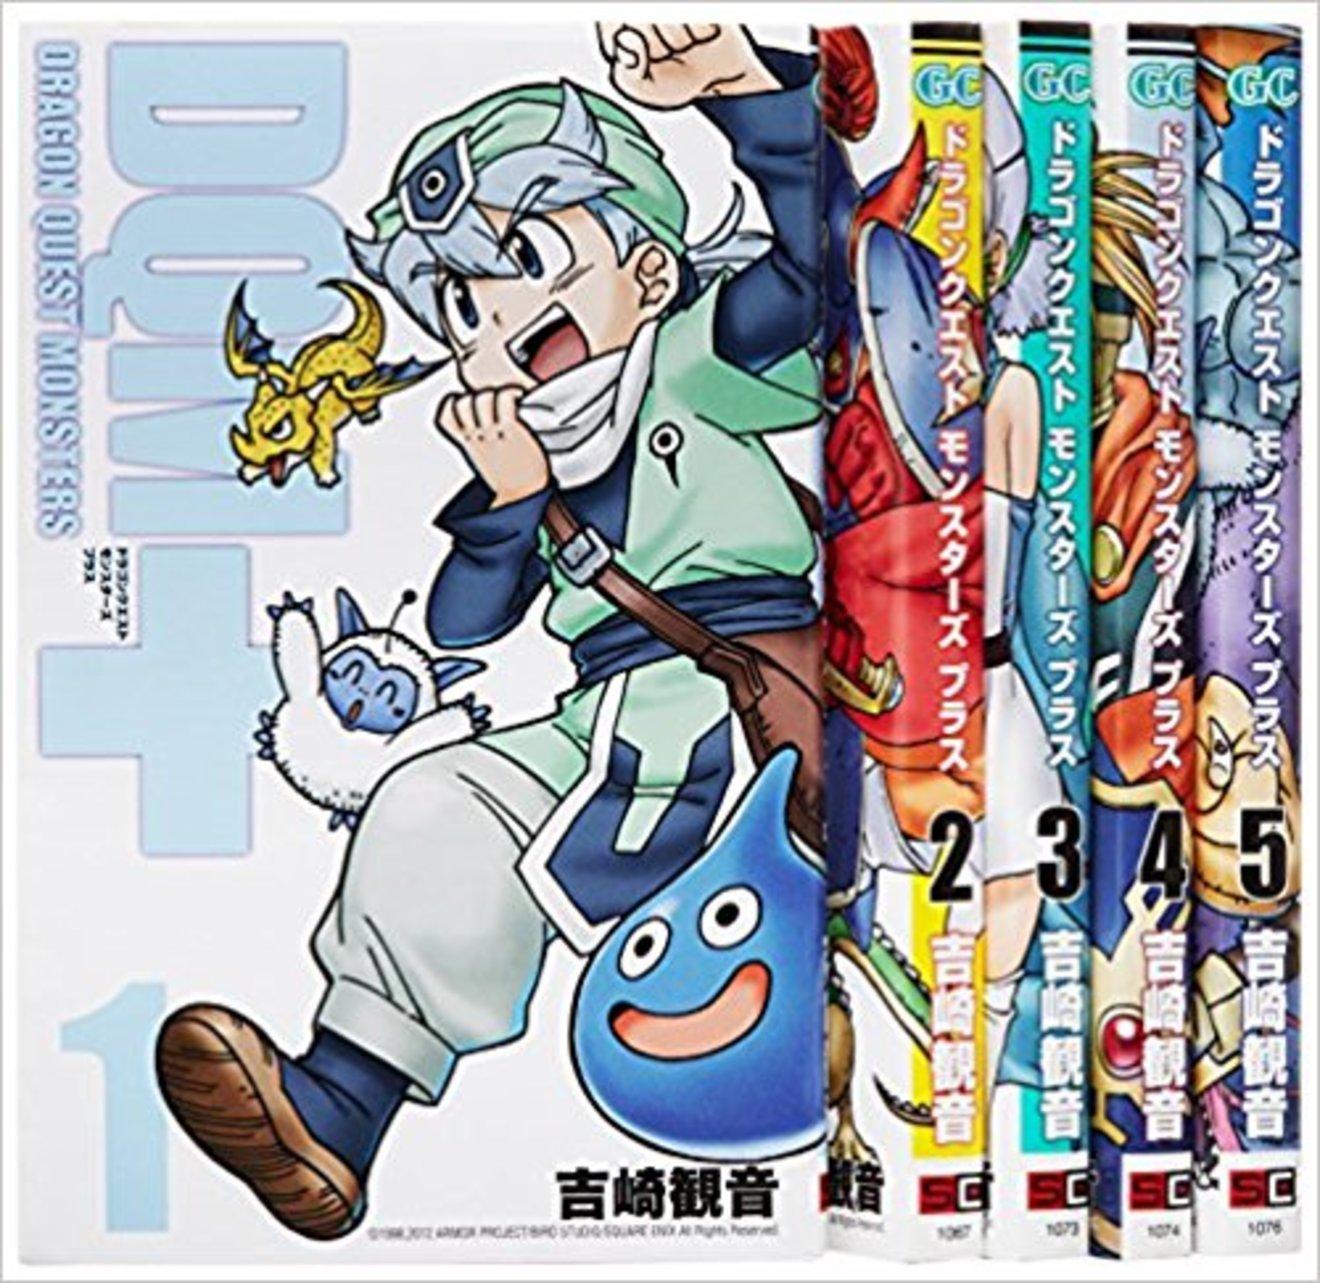 吉崎観音のおすすめ漫画ランキングベスト5!『ケロロ軍曹』でおなじみ!